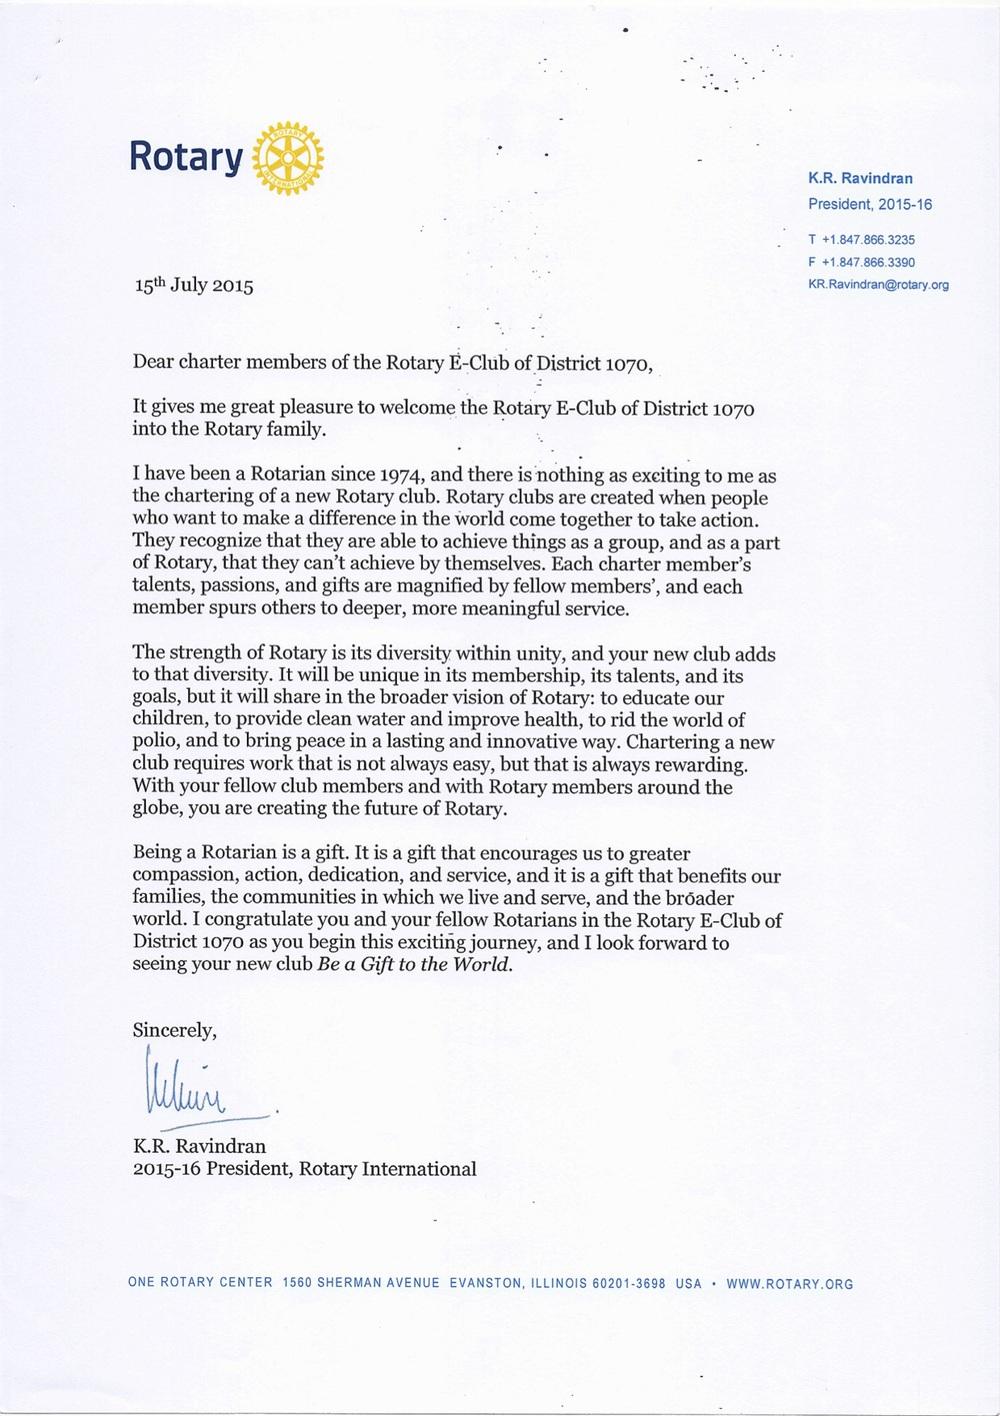 RI President Letter.jpg